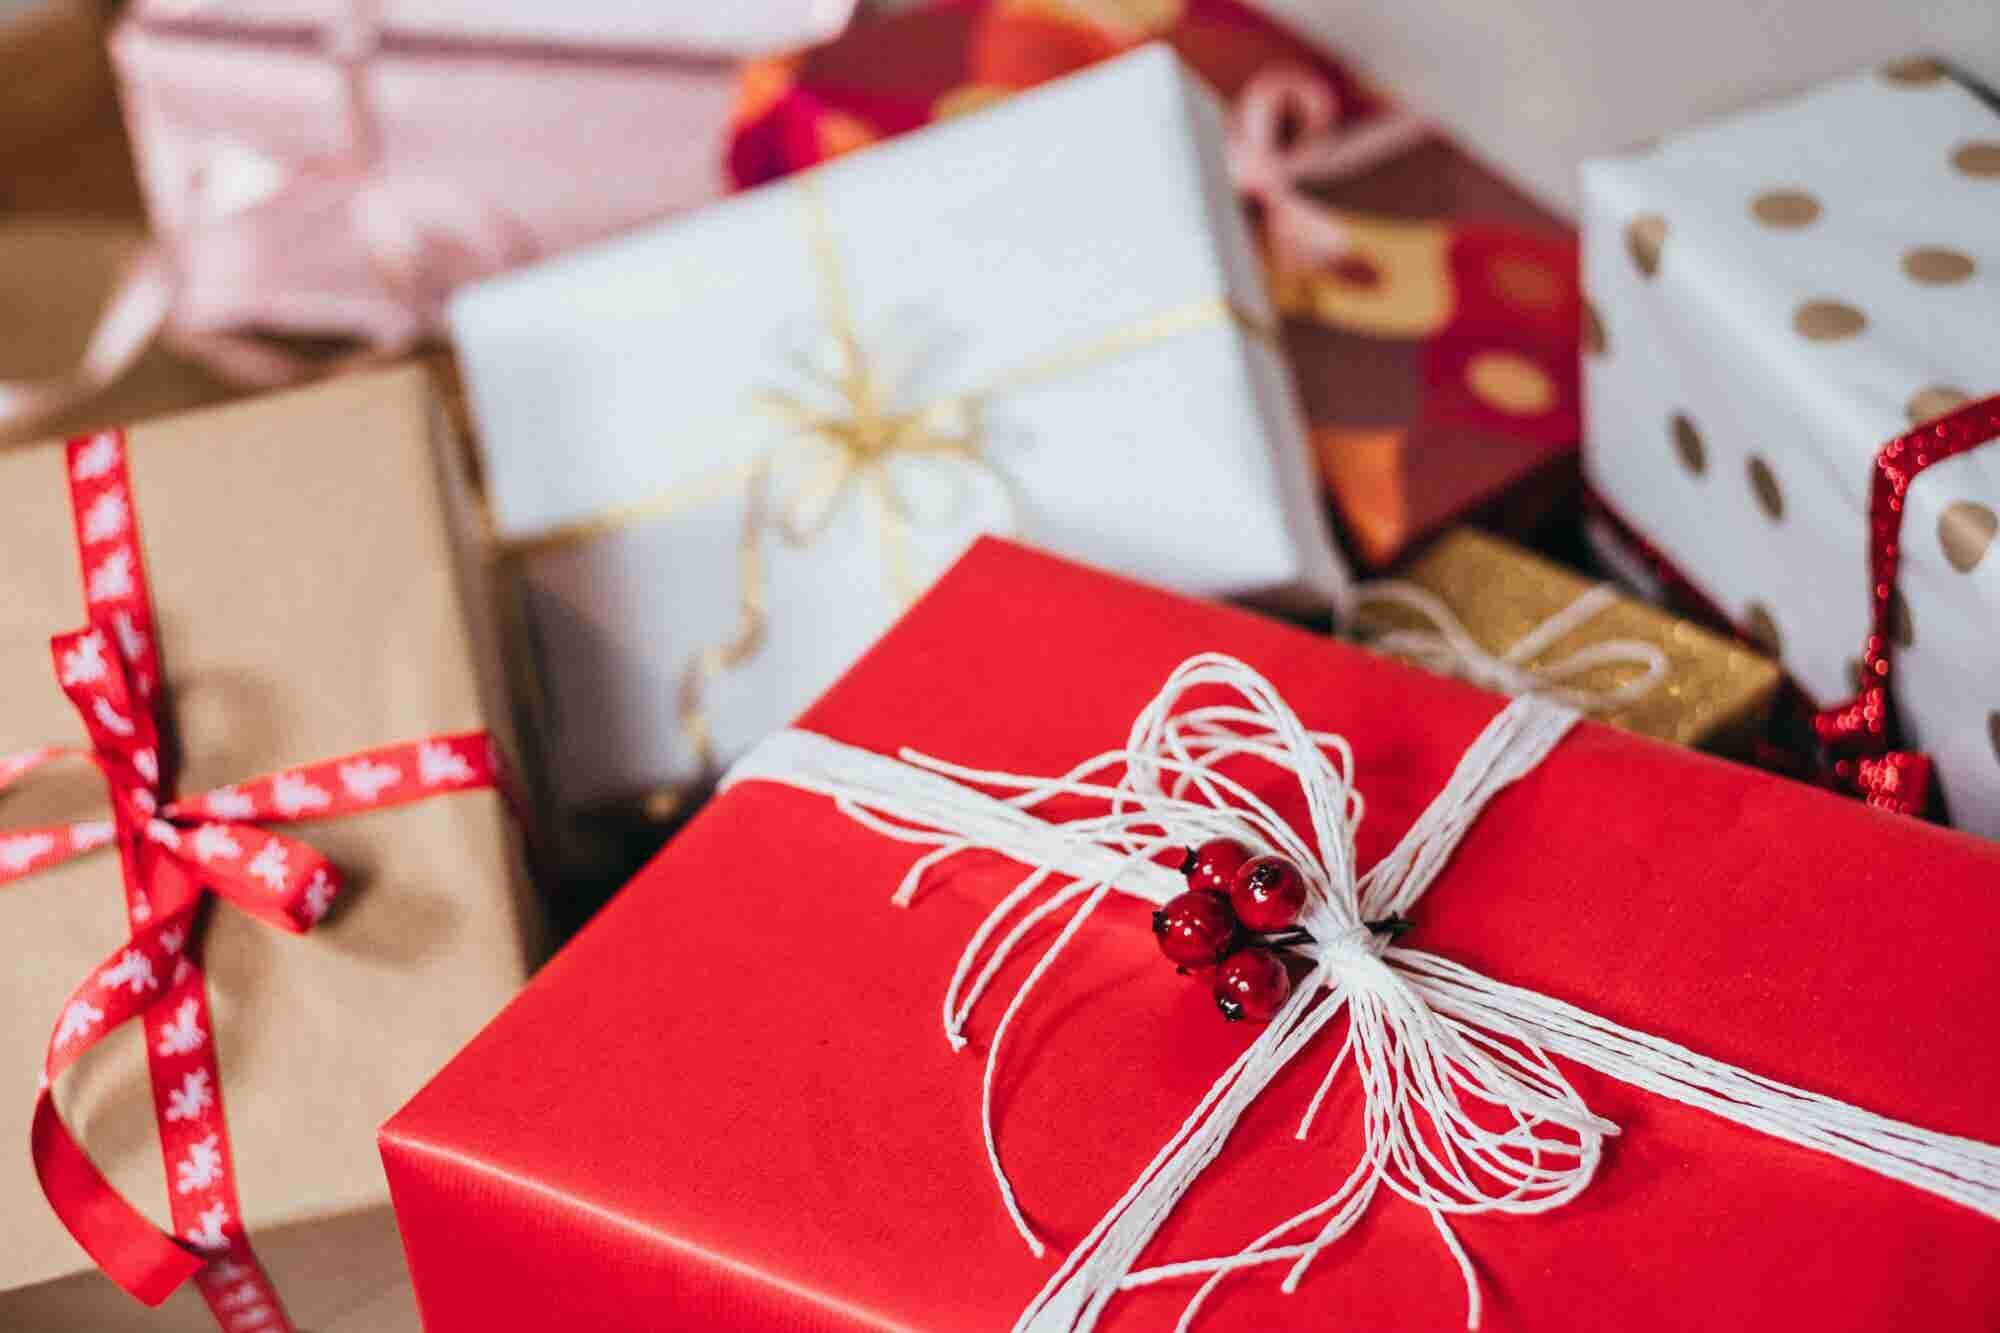 ¿Quieres dar los mejores regalos navideños? 7 tips para hacerlo sin arruinarte